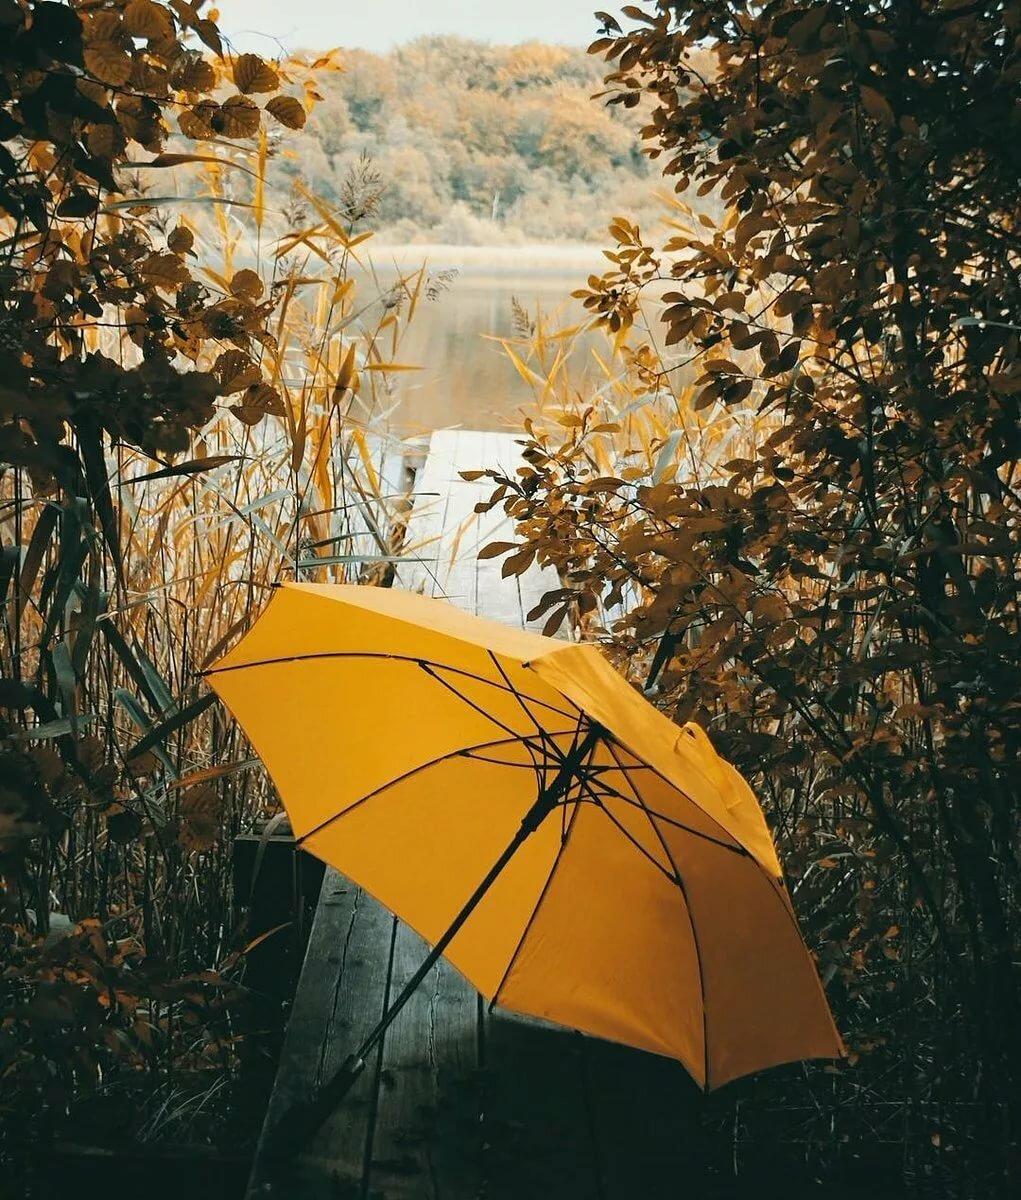 фото с желтым зонтом правильных настройках комплексе